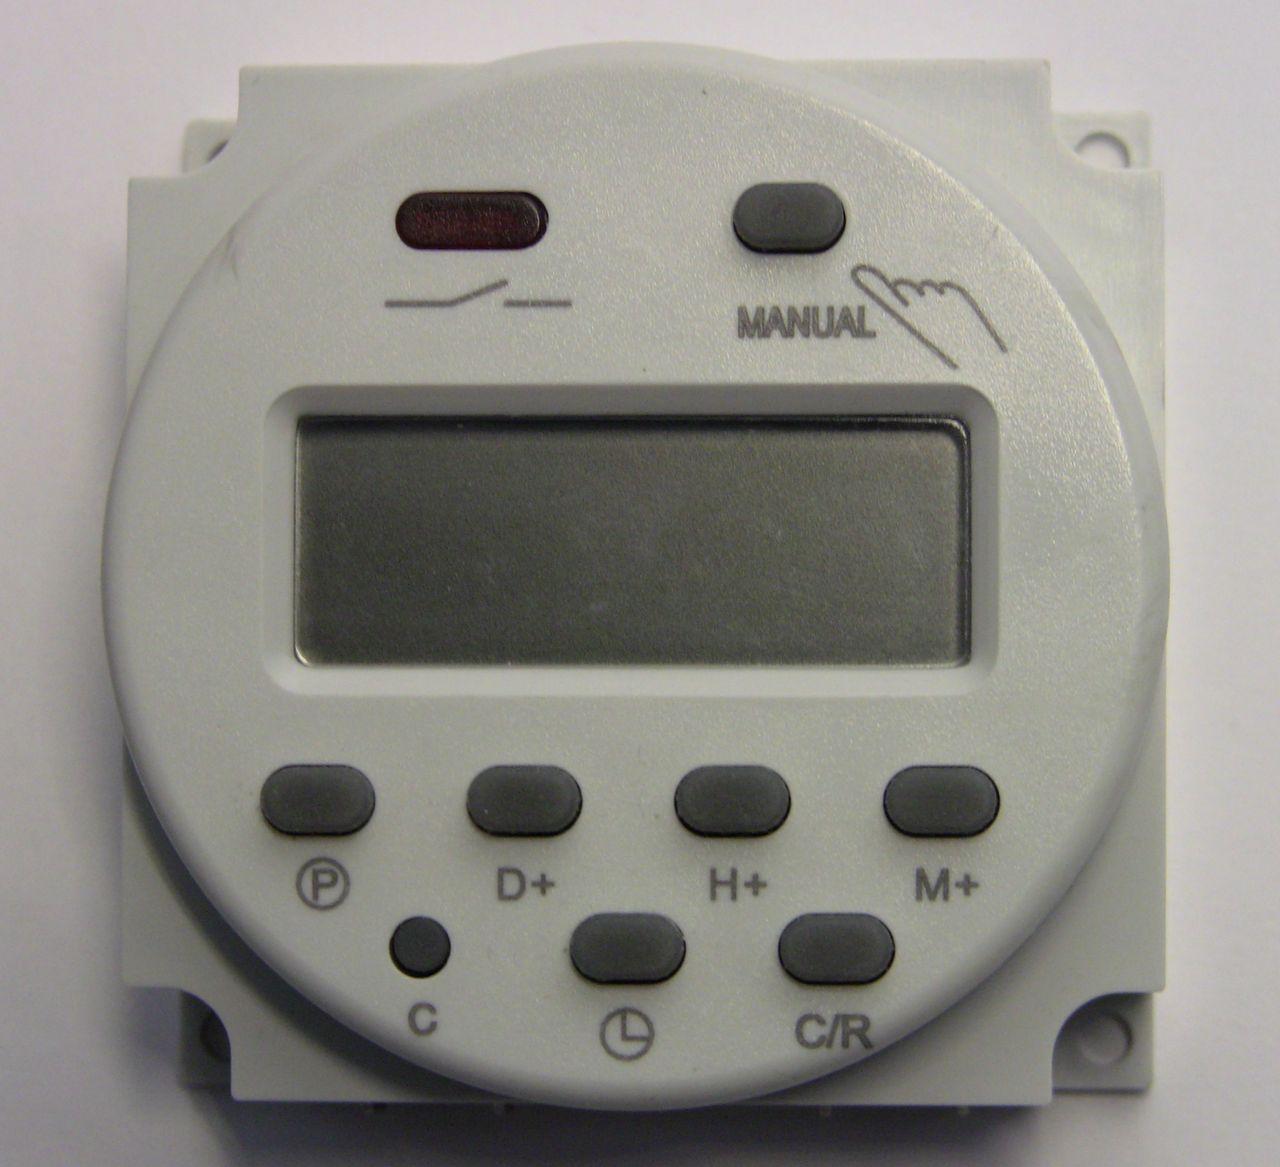 Обзор таймера Cn101A. Настройка, программирование, внутреннее устройство.